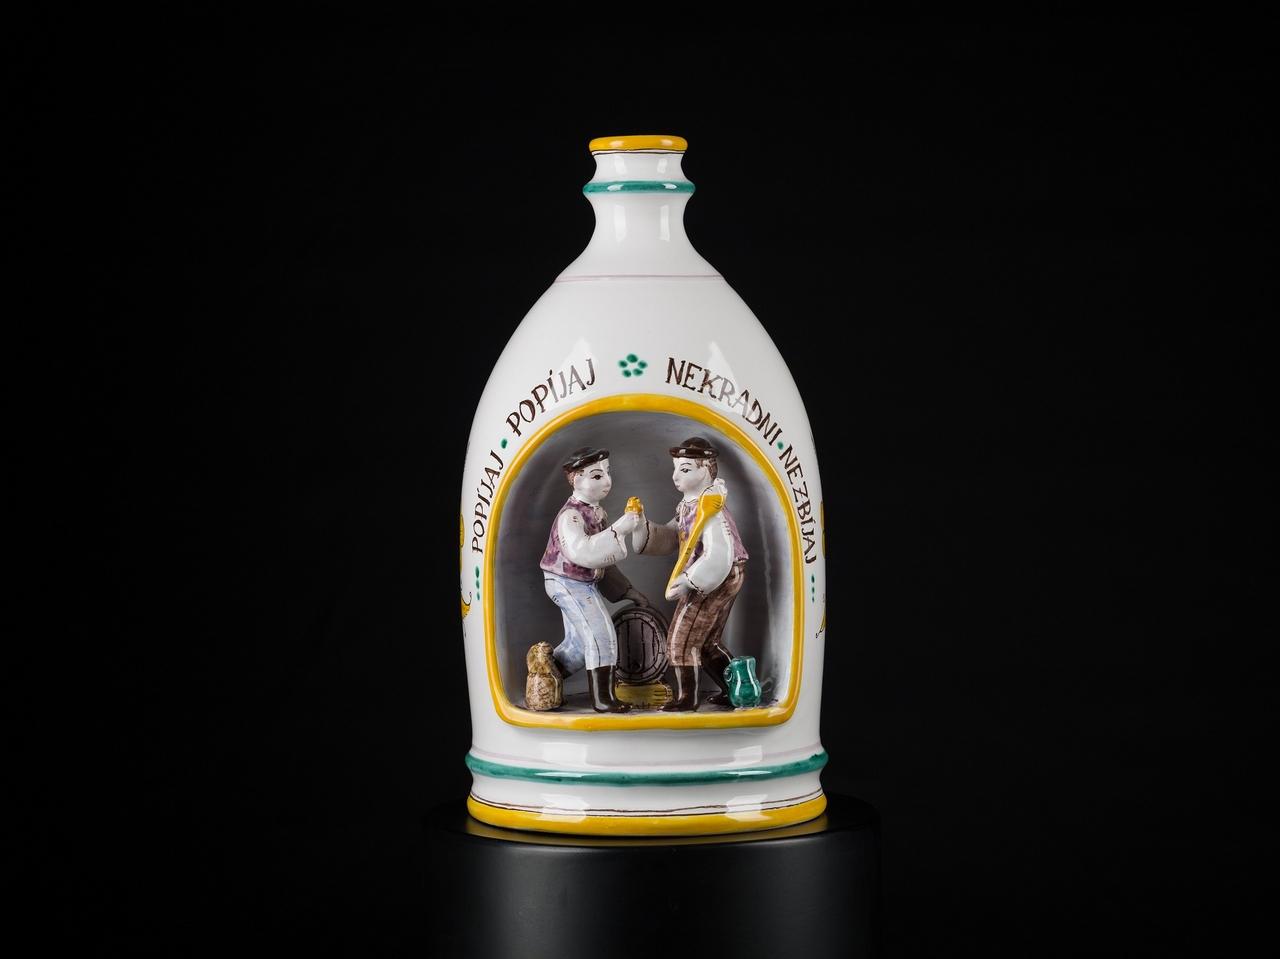 Keramická fľaša - Keramikflasche